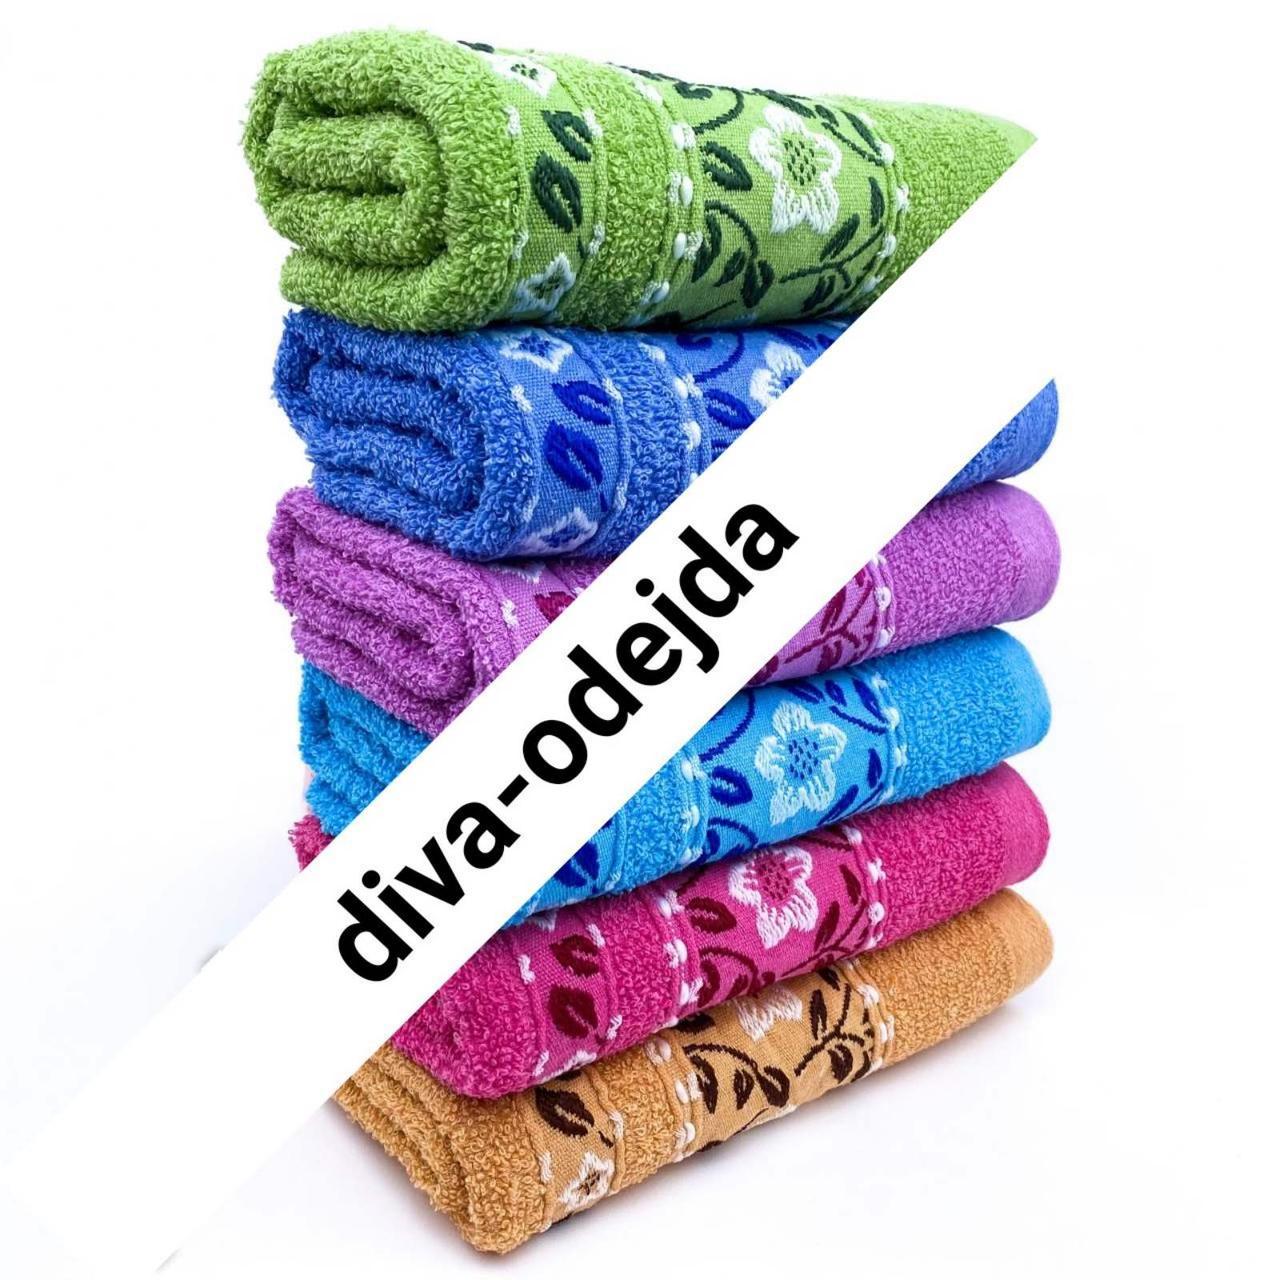 Махровое полотенце яркой расцветки .Размер:1,4 x 0,7